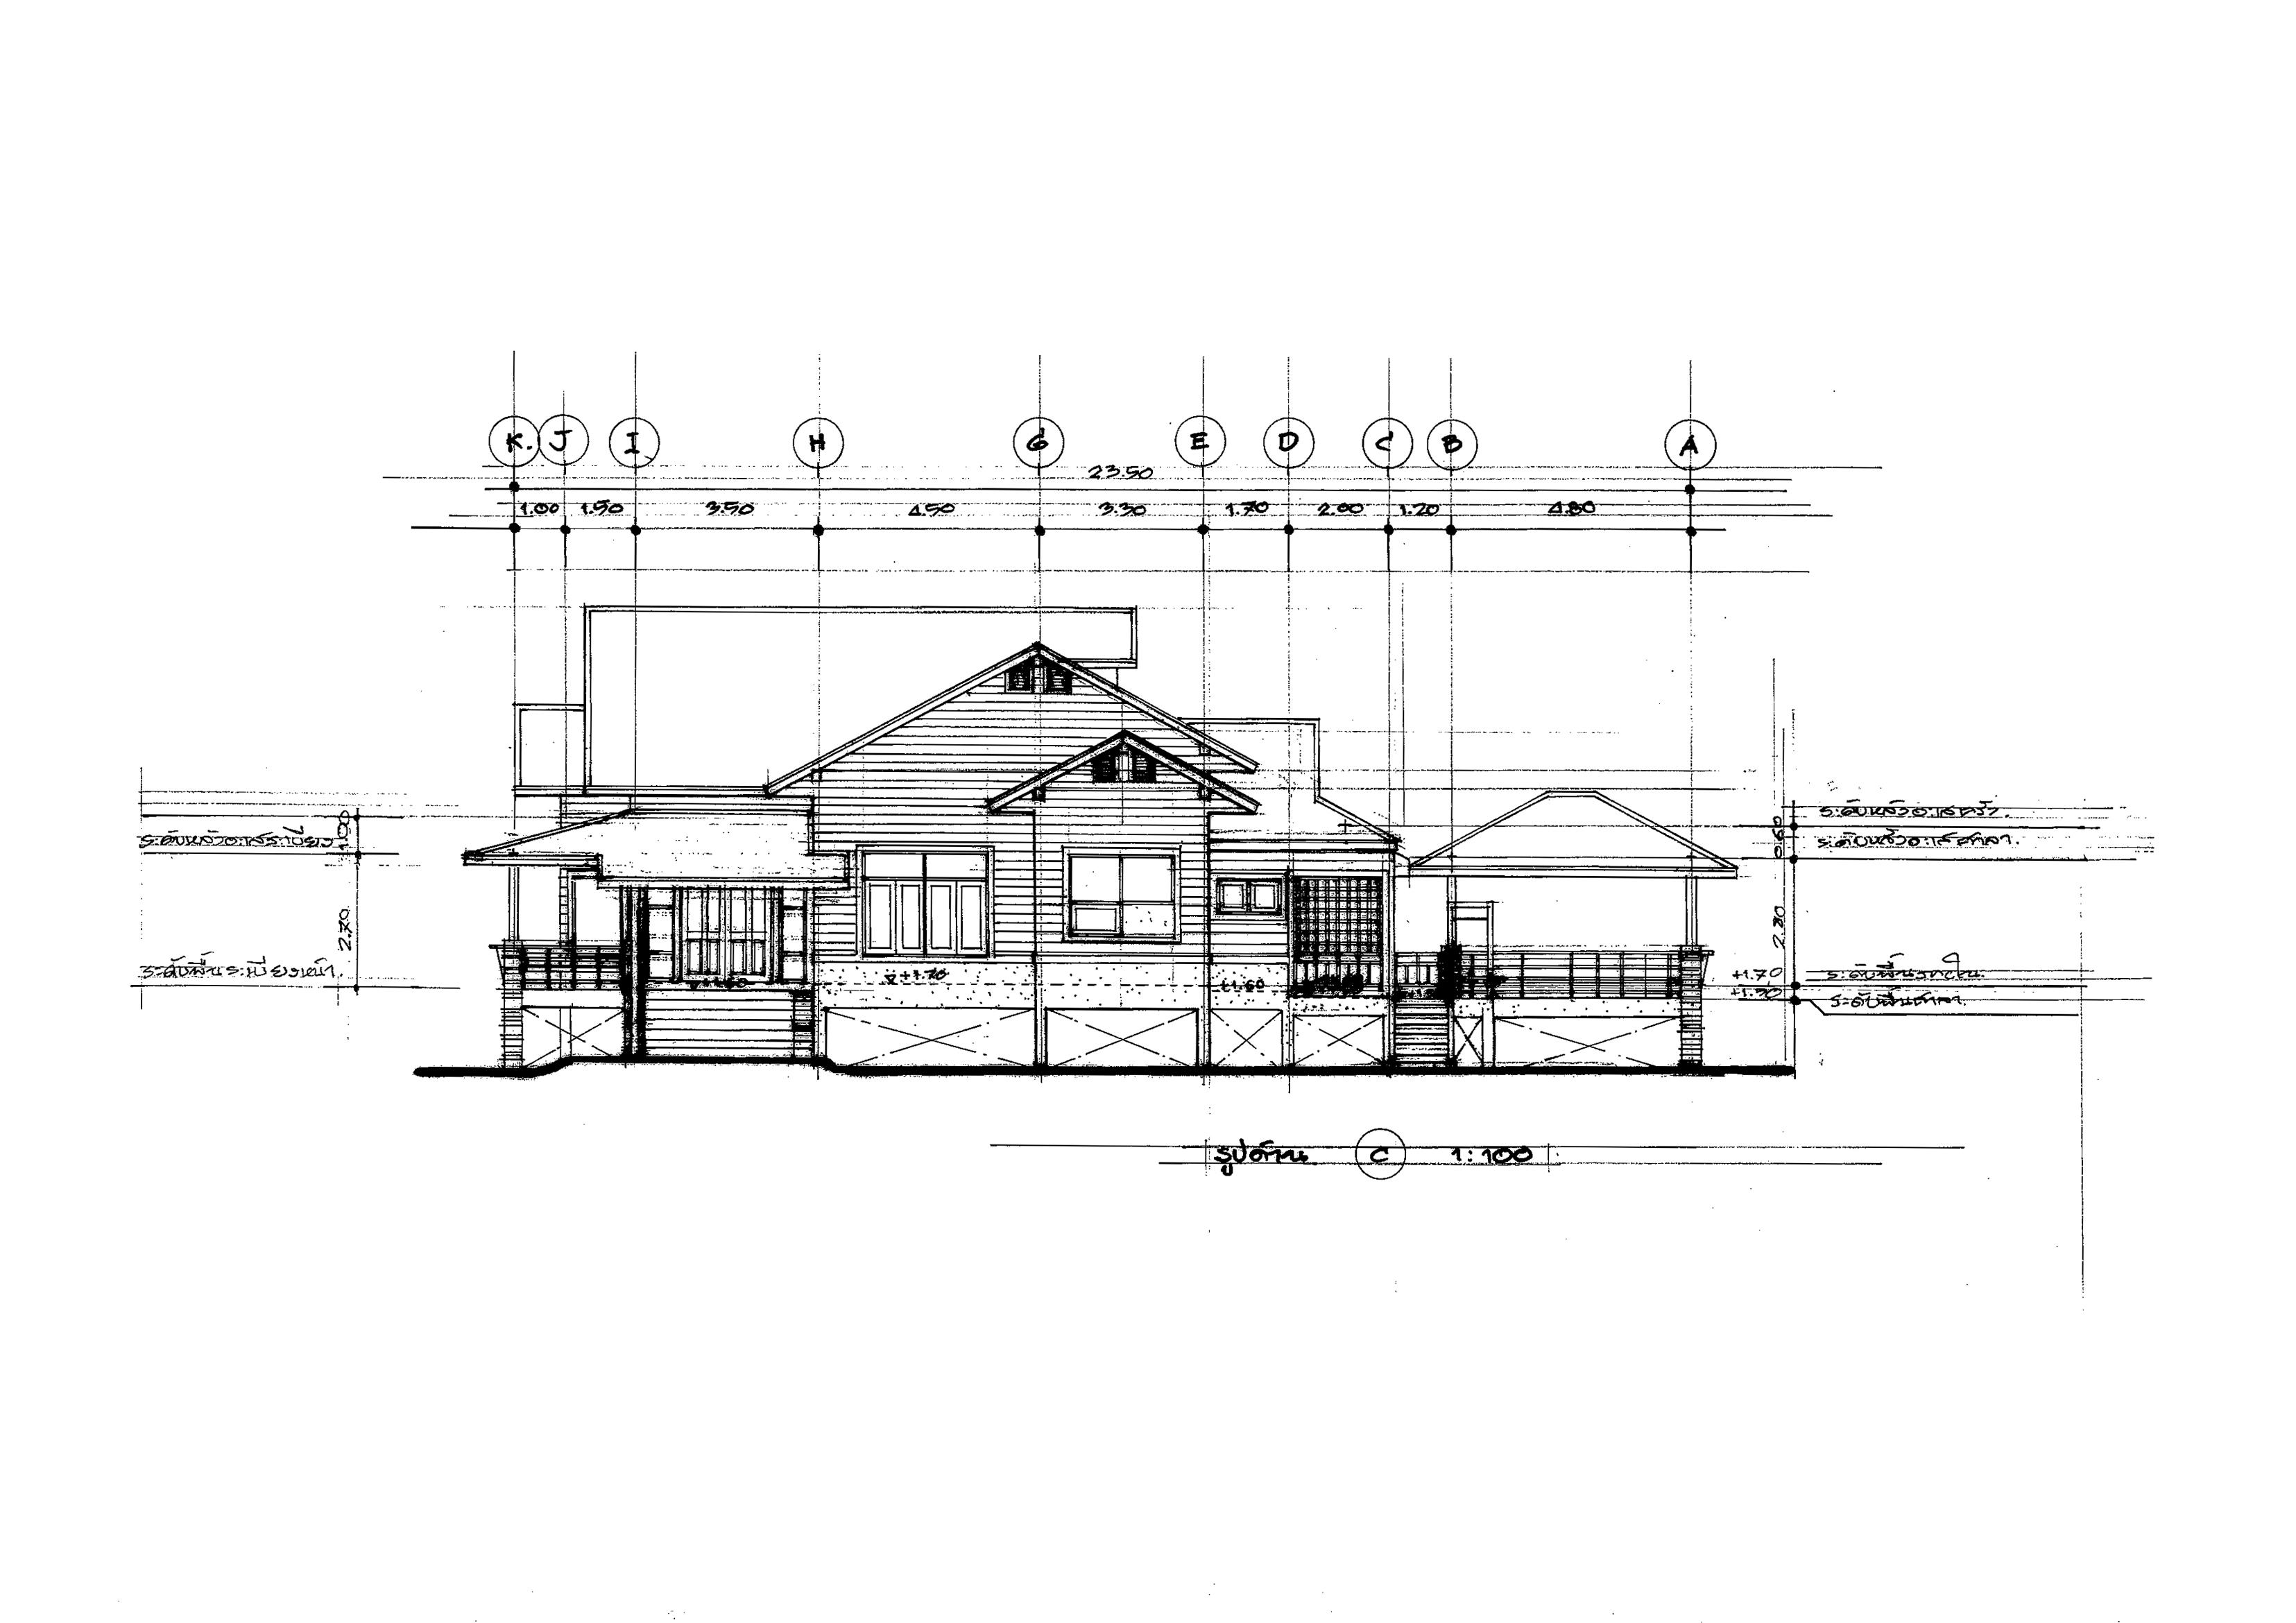 Bonanzabuilt-Portfolio-design6-5